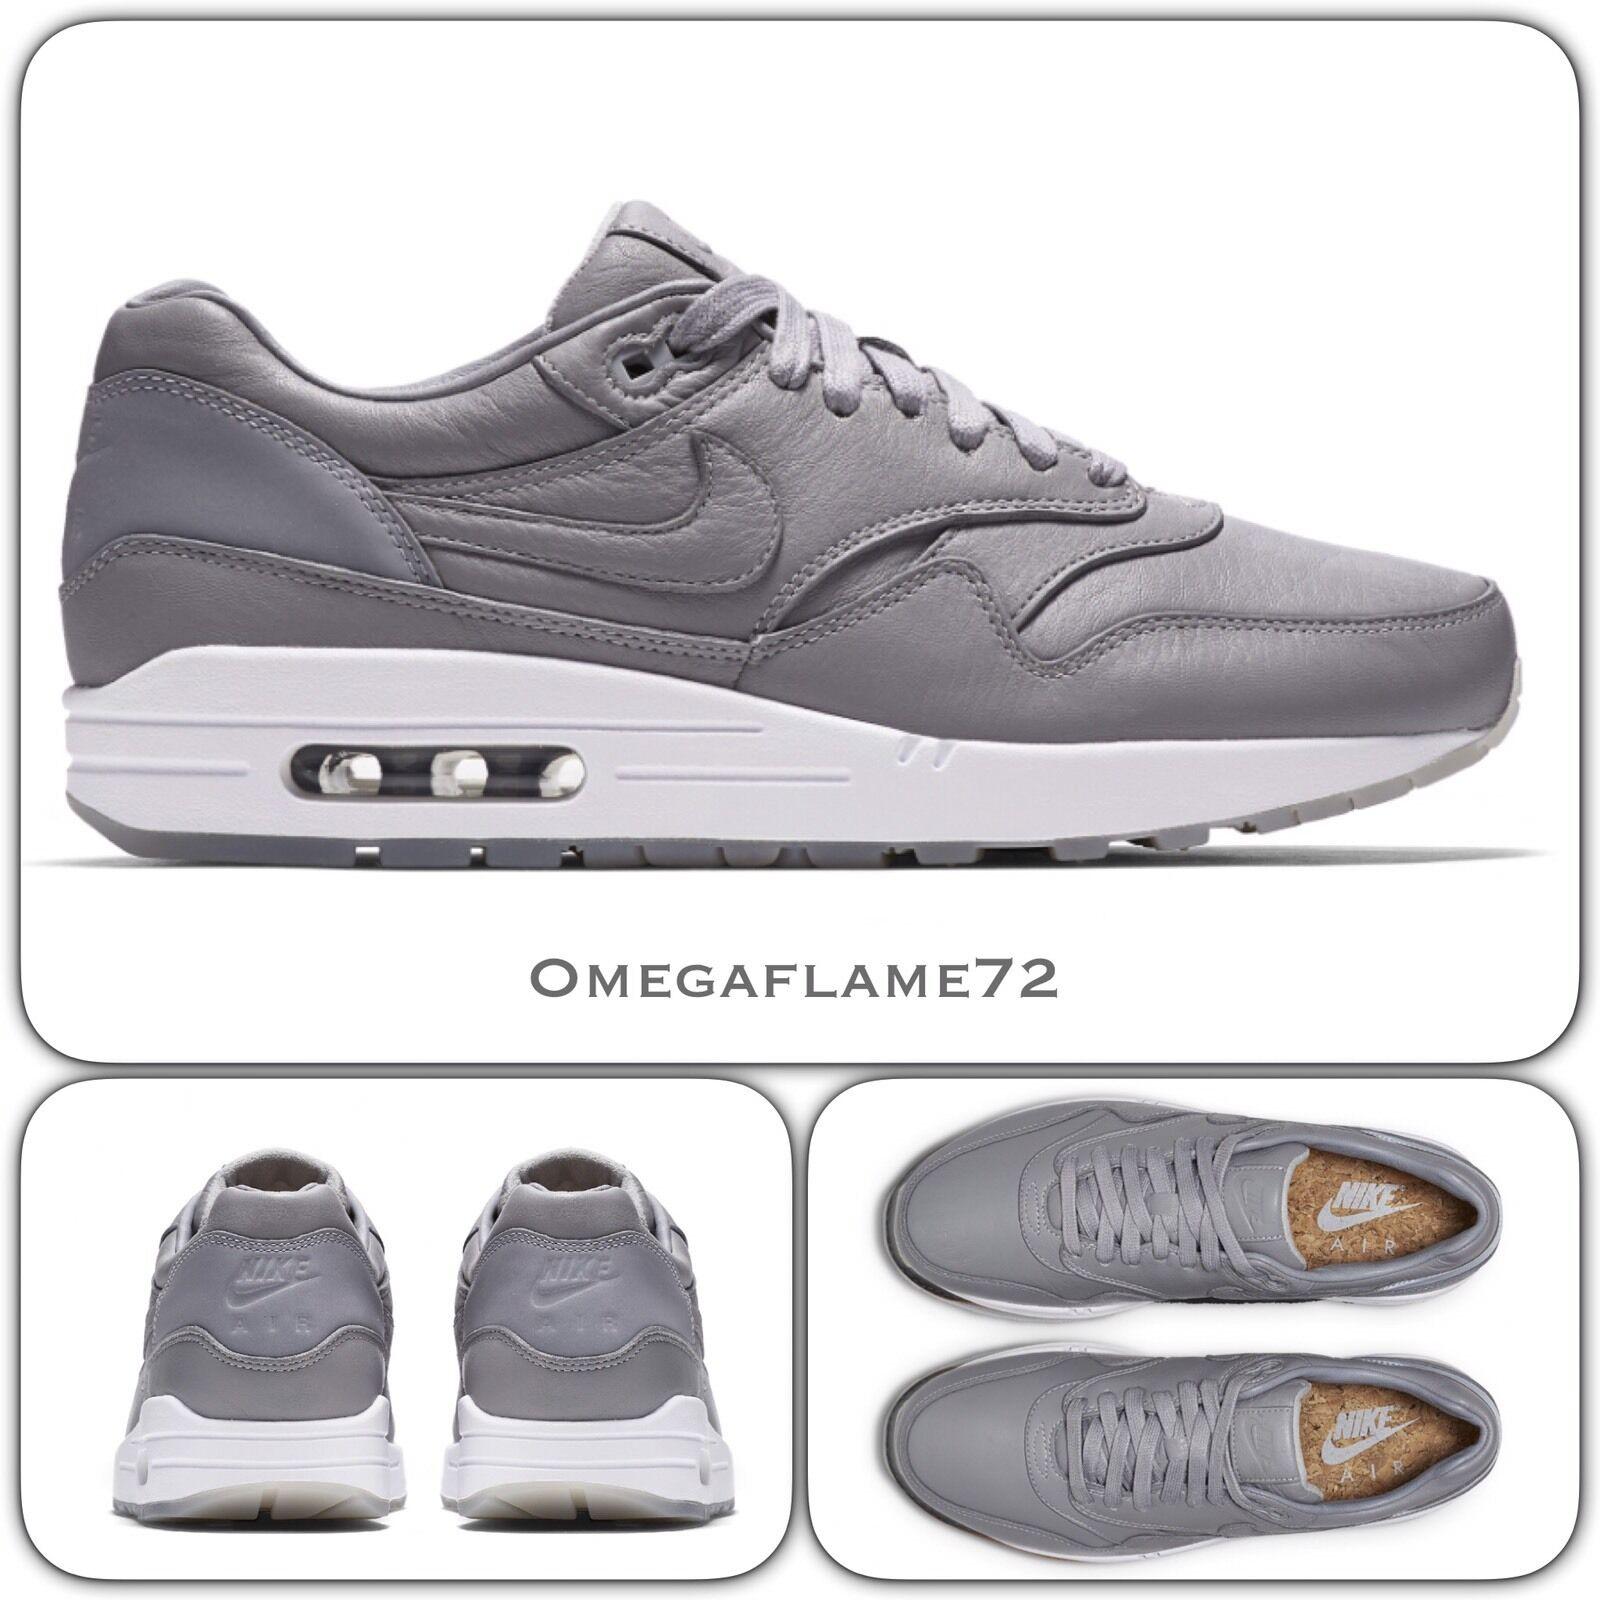 NikeLab Air Max 1 Deluxe Pinnacle Wolf  Gris Gris Gris  859554-0028 EU 42.5 US 9 Nike 393922